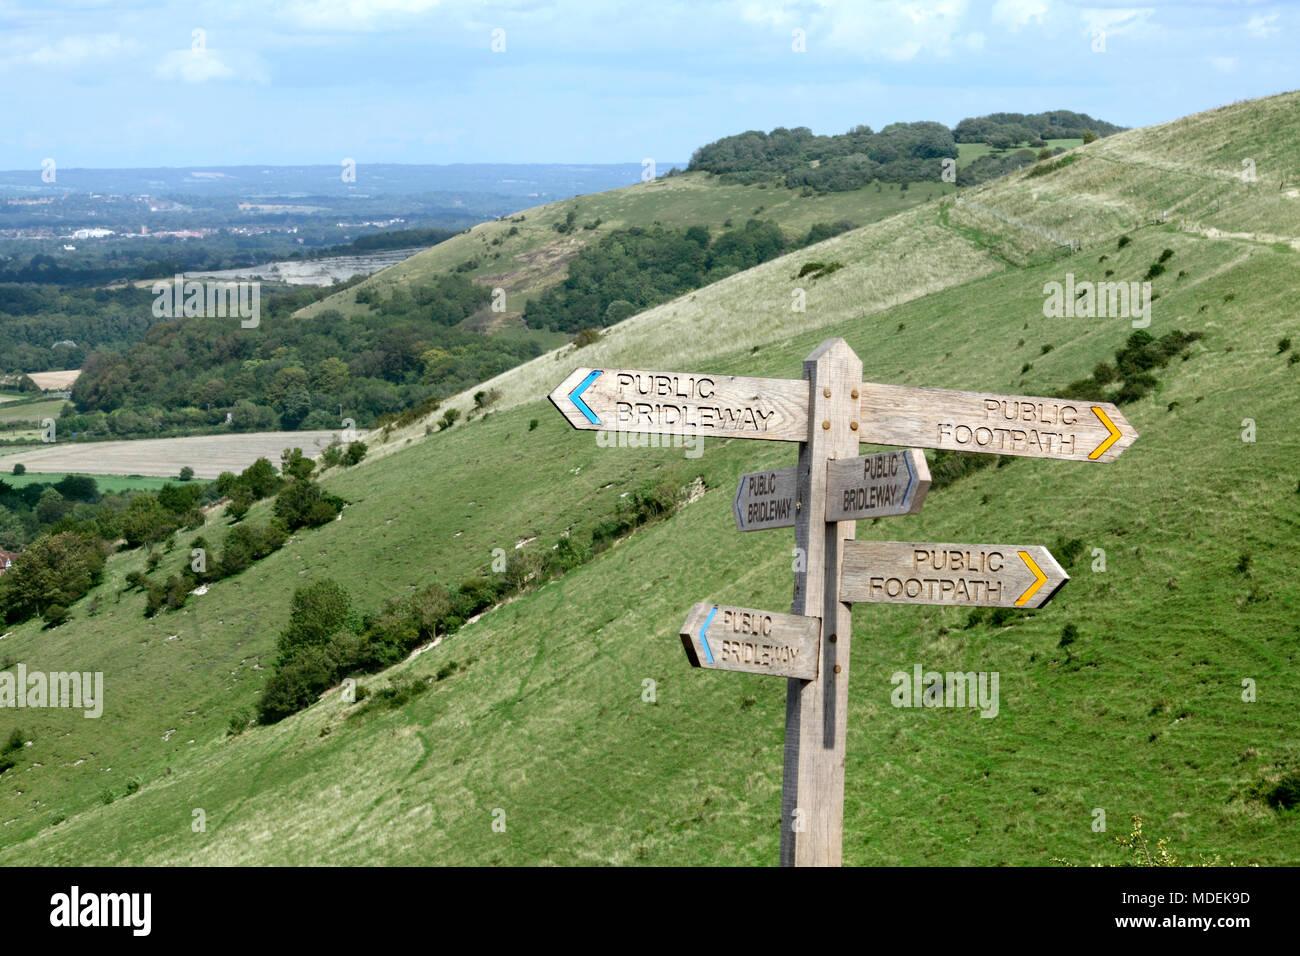 Un nuovo(ish) segno posto sulla South Downs che indica sentieri pubblici e bridleways ramificazione fuori in sei direzioni, sulla collina Fulking vicino a Brighton. Foto Stock